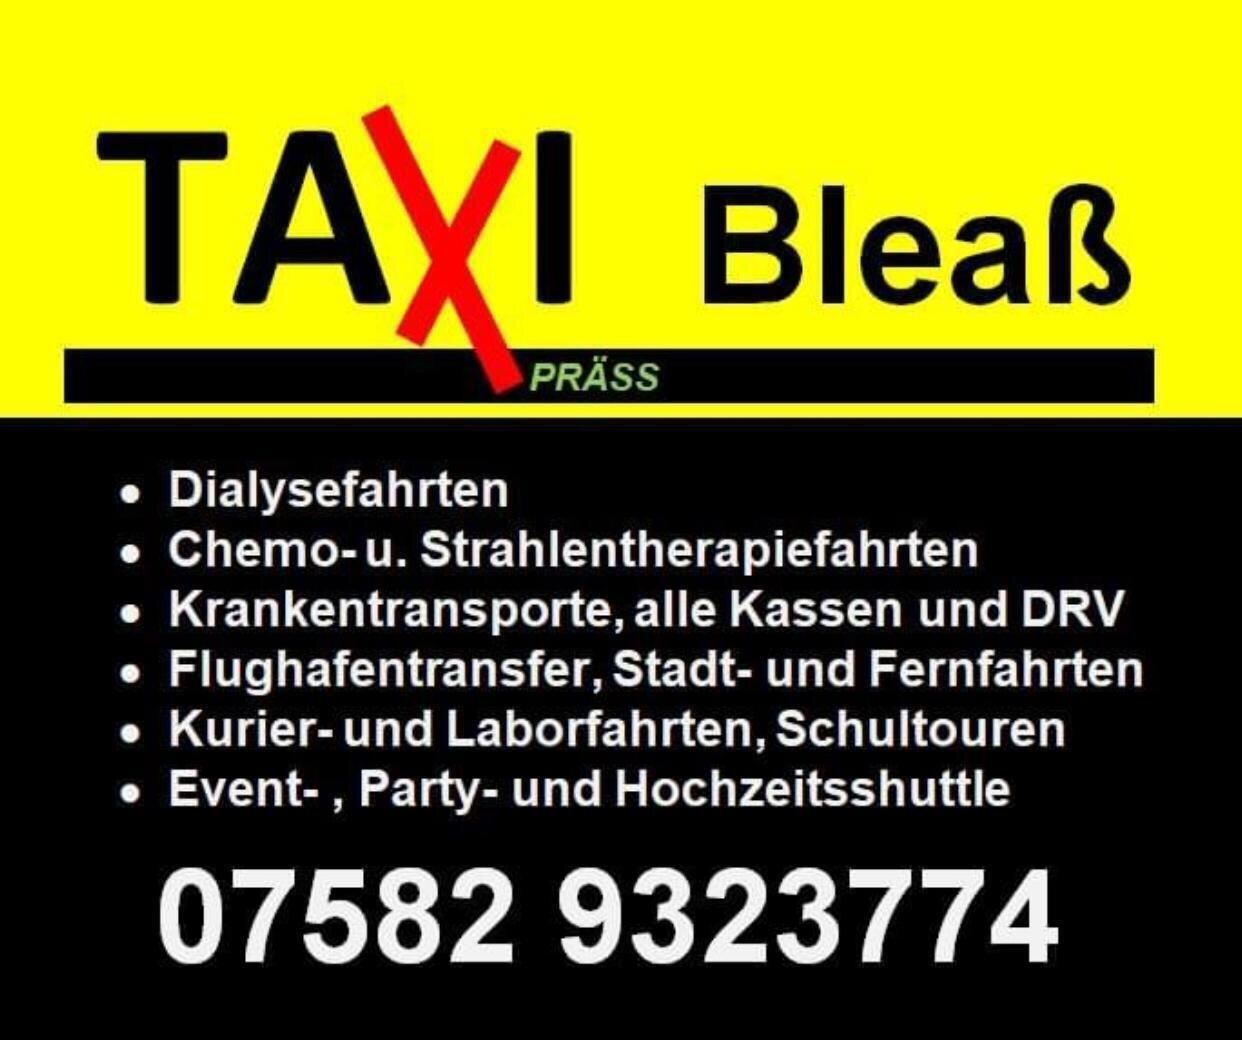 Taxi Bleaß